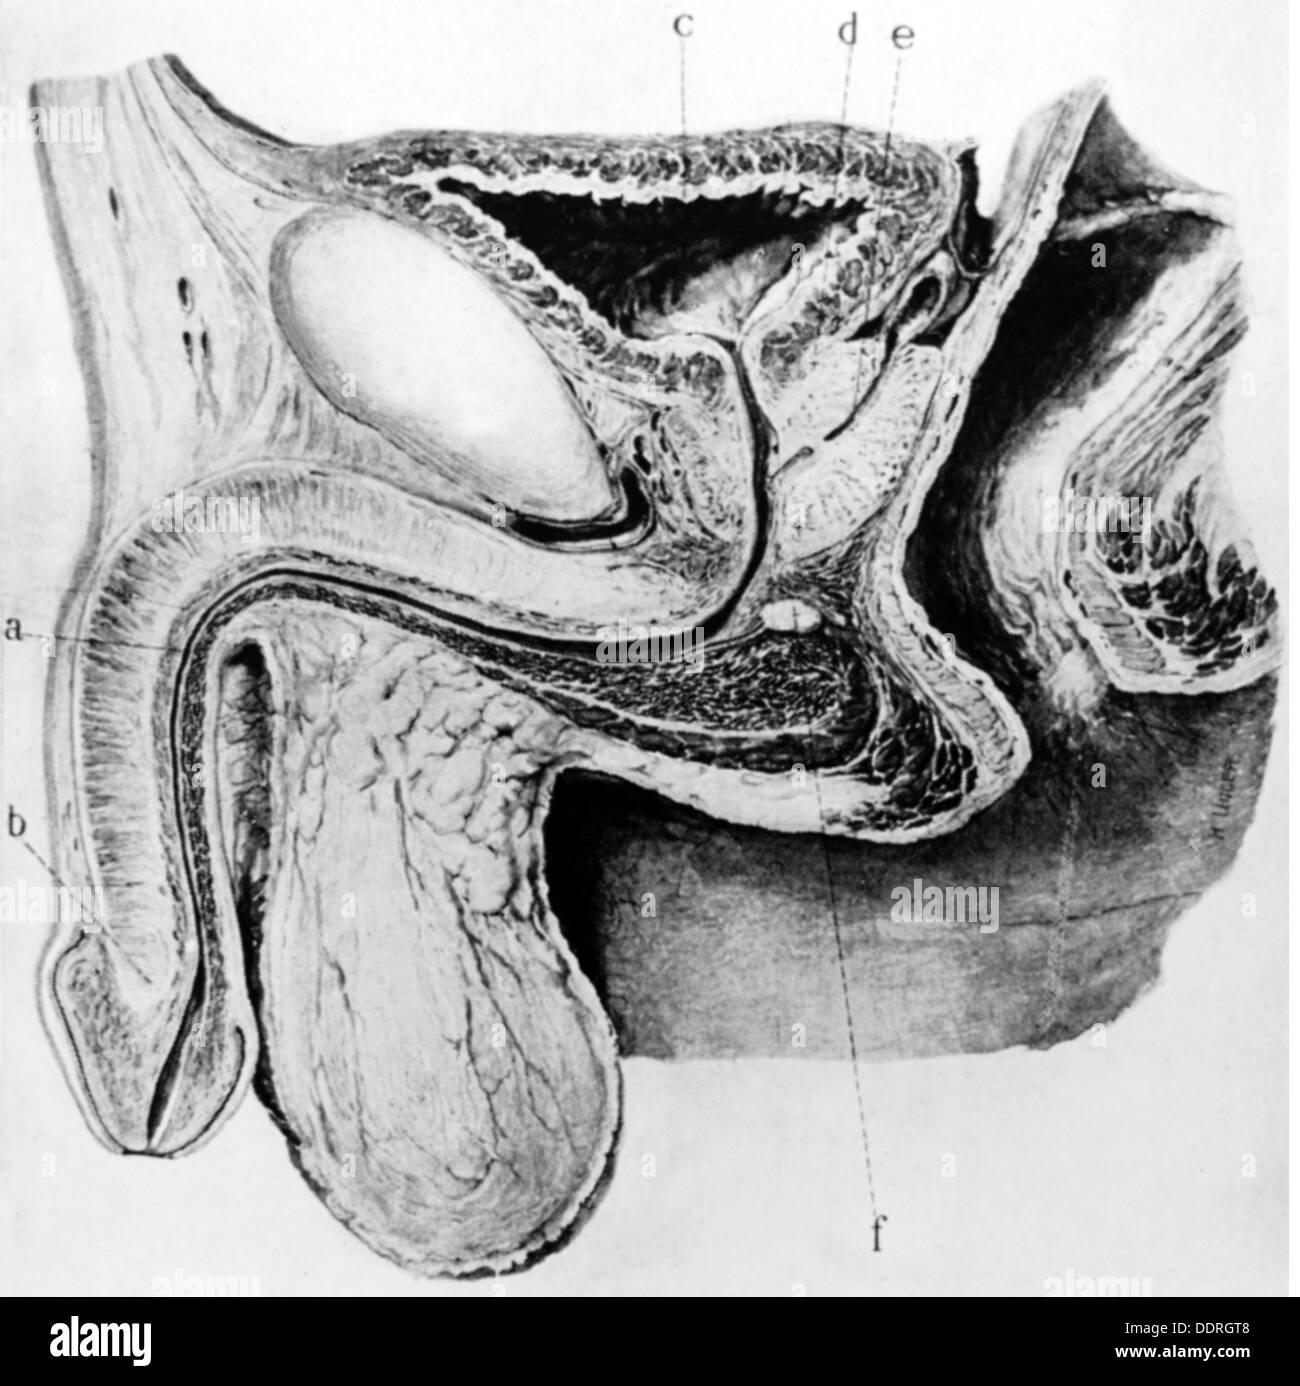 La medicina, la anatomía, los órganos sexuales, Diagrama esquemático ...